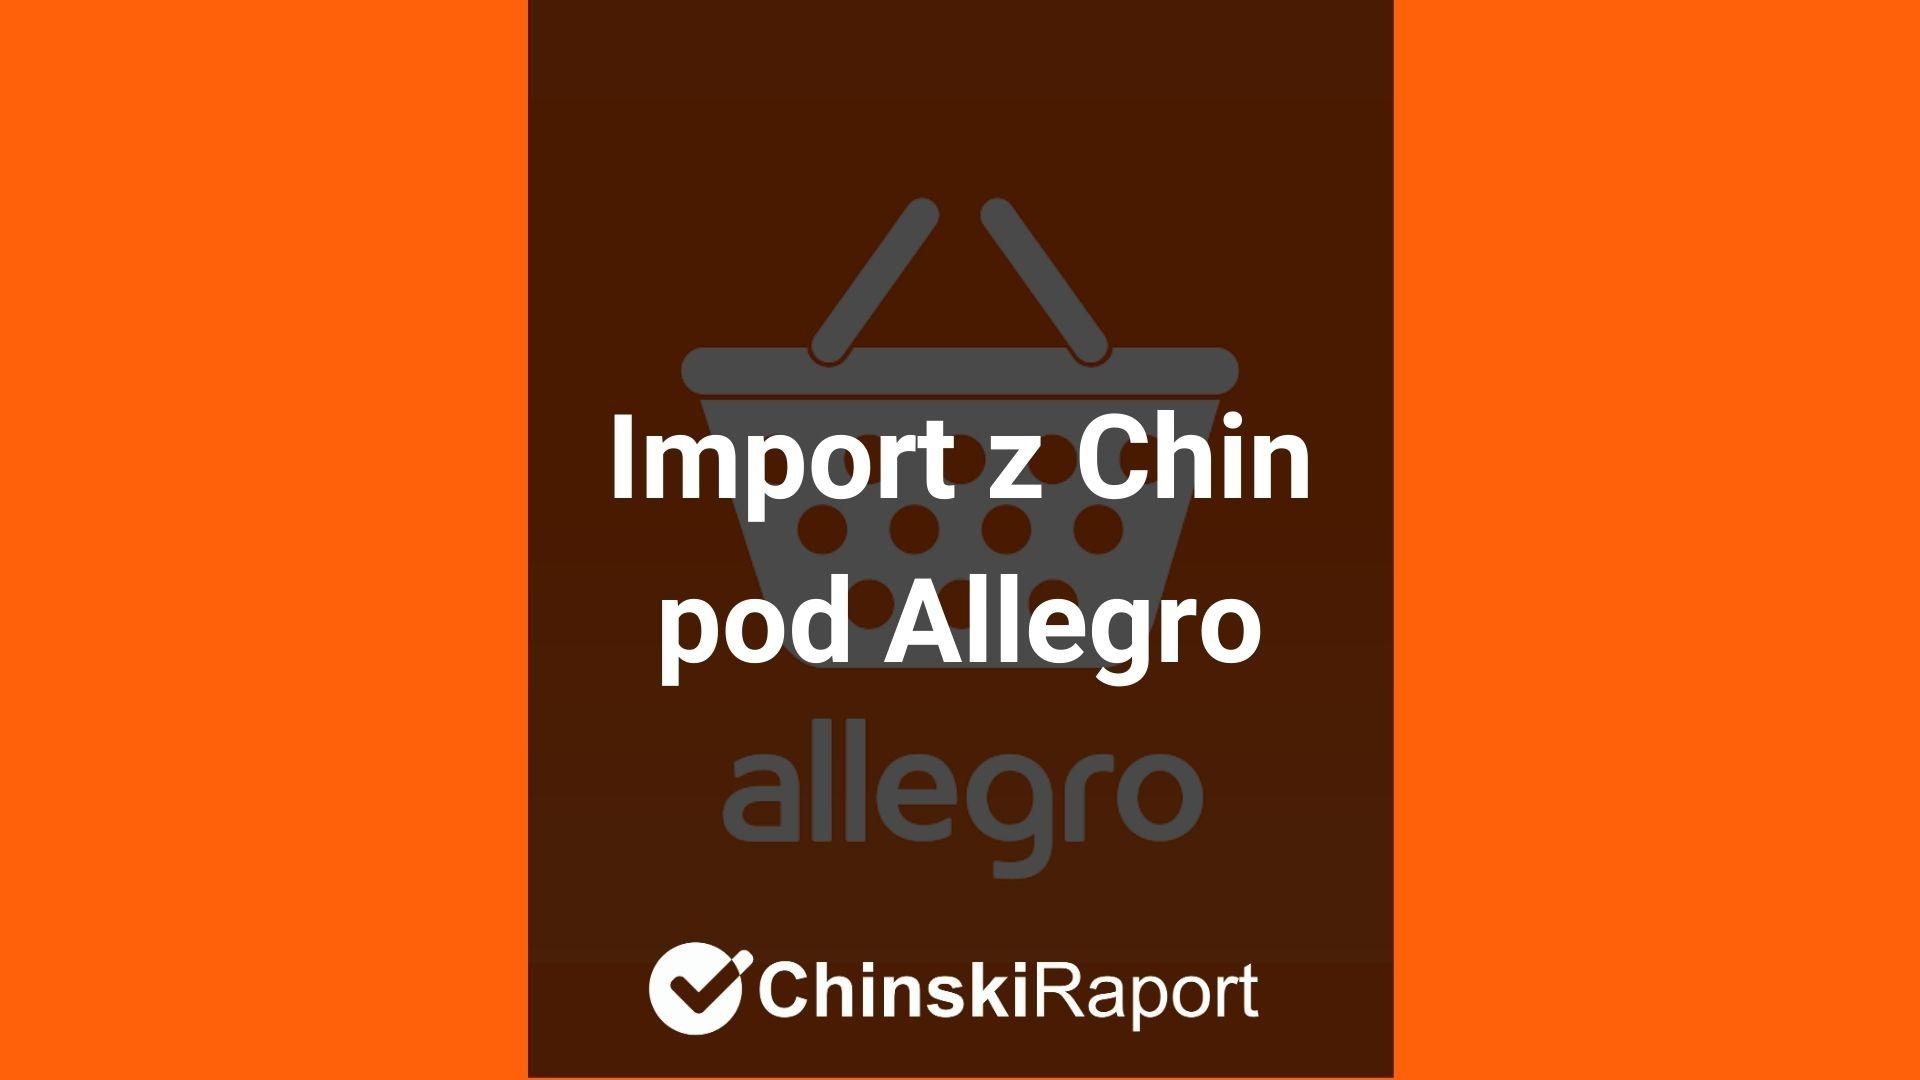 Import Z Chin Pod Allegro Co Musisz Wiedziec Import Z Chin